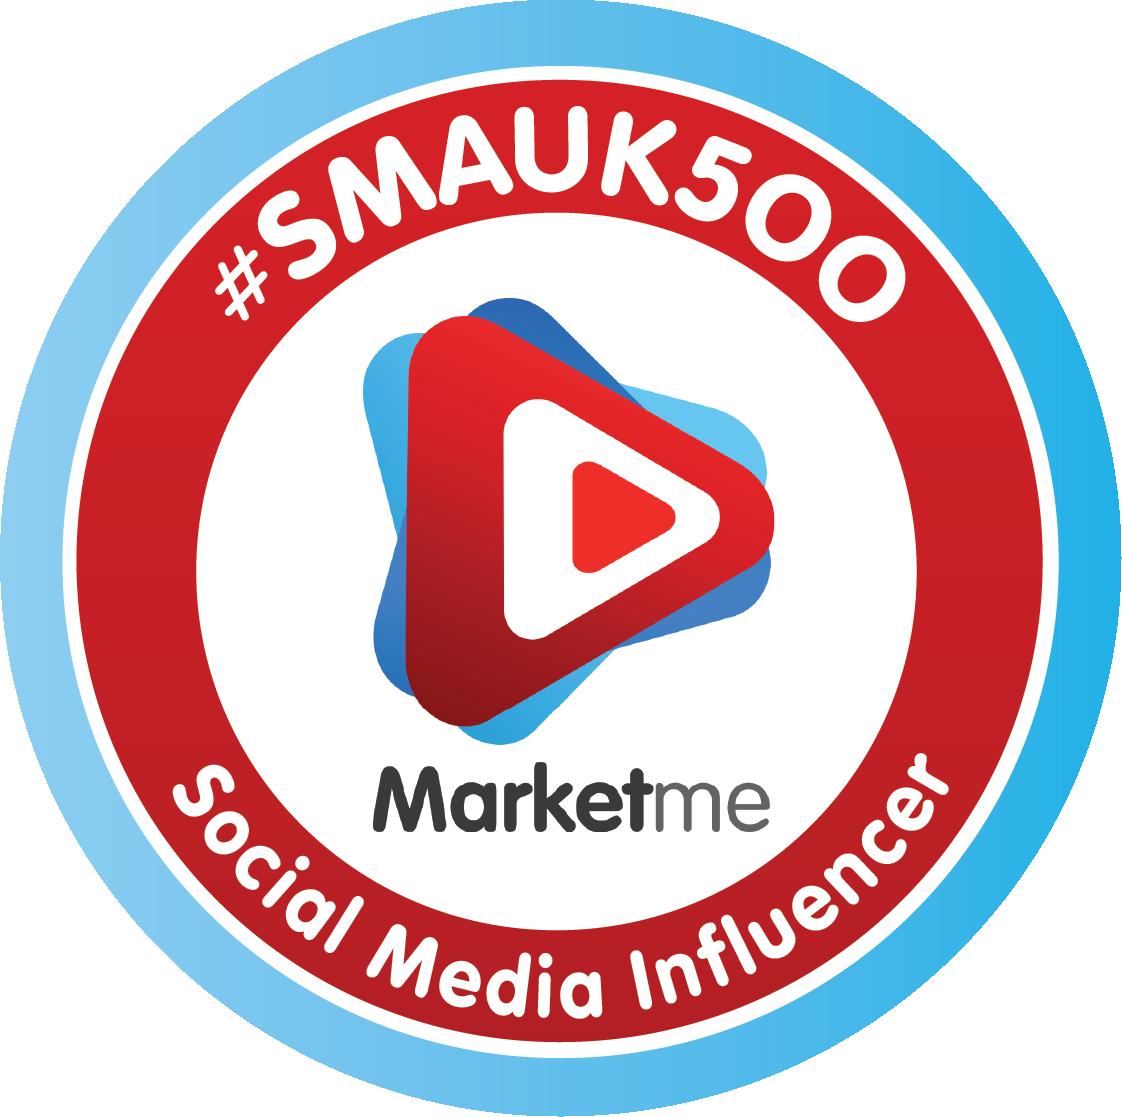 Social Media Agencies UK #SMAUK500